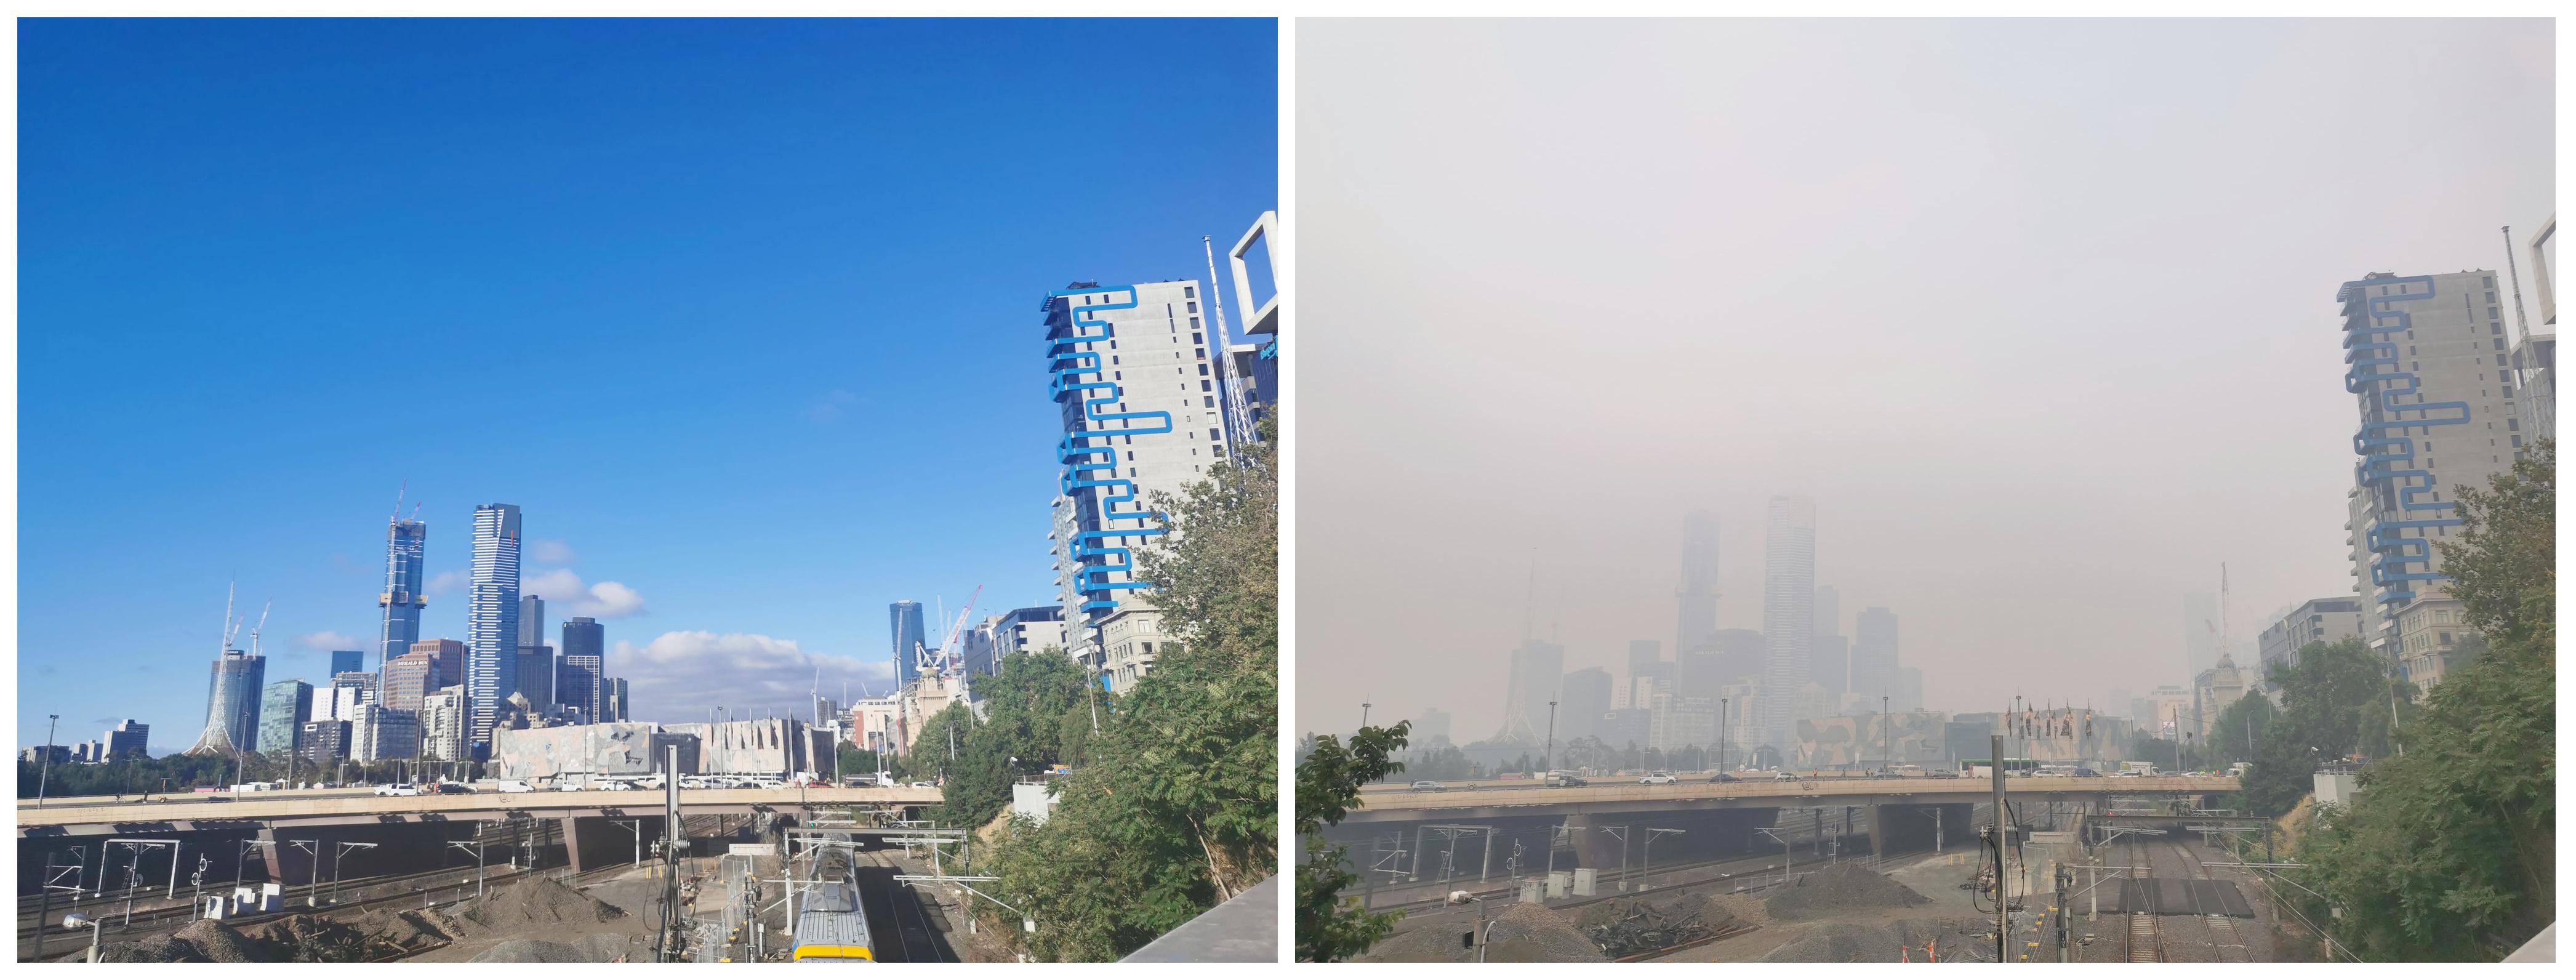 Как за пару дней изменилось небо в Мельбурне